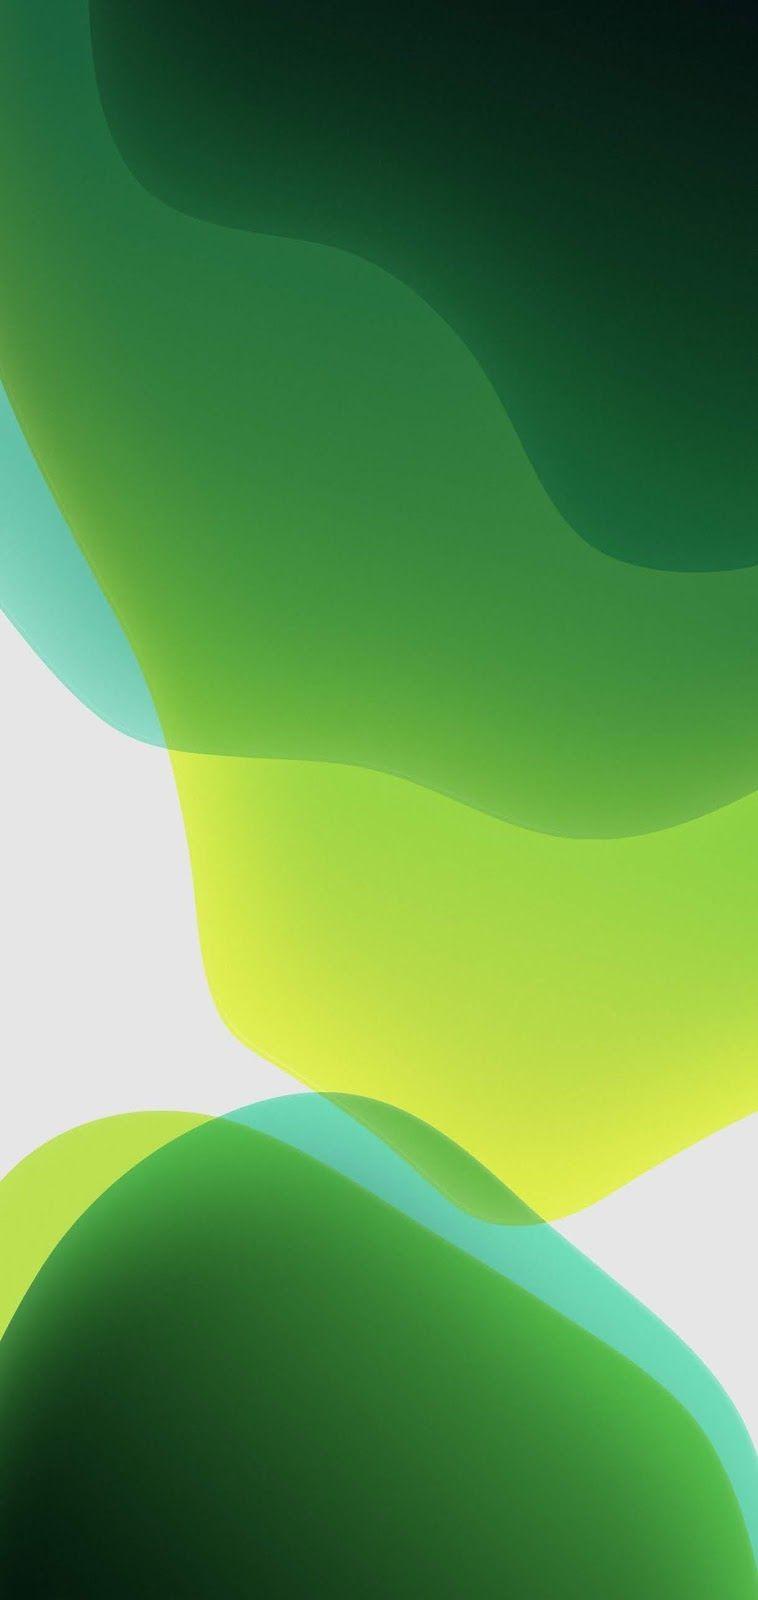 iOS 13 Wallpapers (8 colors) Обои андроид, Обои для